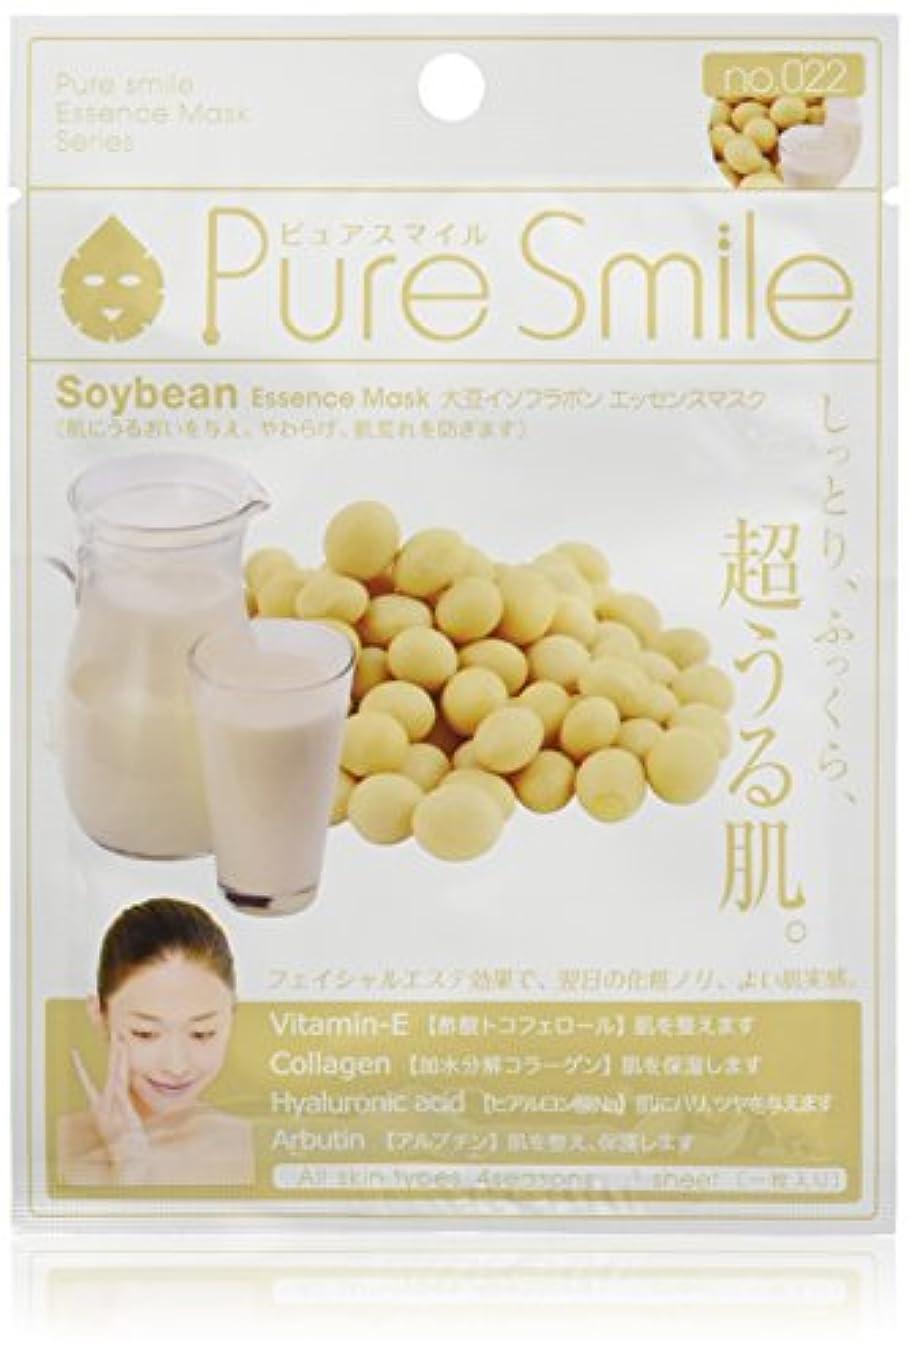 アレキサンダーグラハムベル再生的本質的ではないPure Smile ピュアスマイル エッセンスマスク 大豆イソフラボン 6枚セット